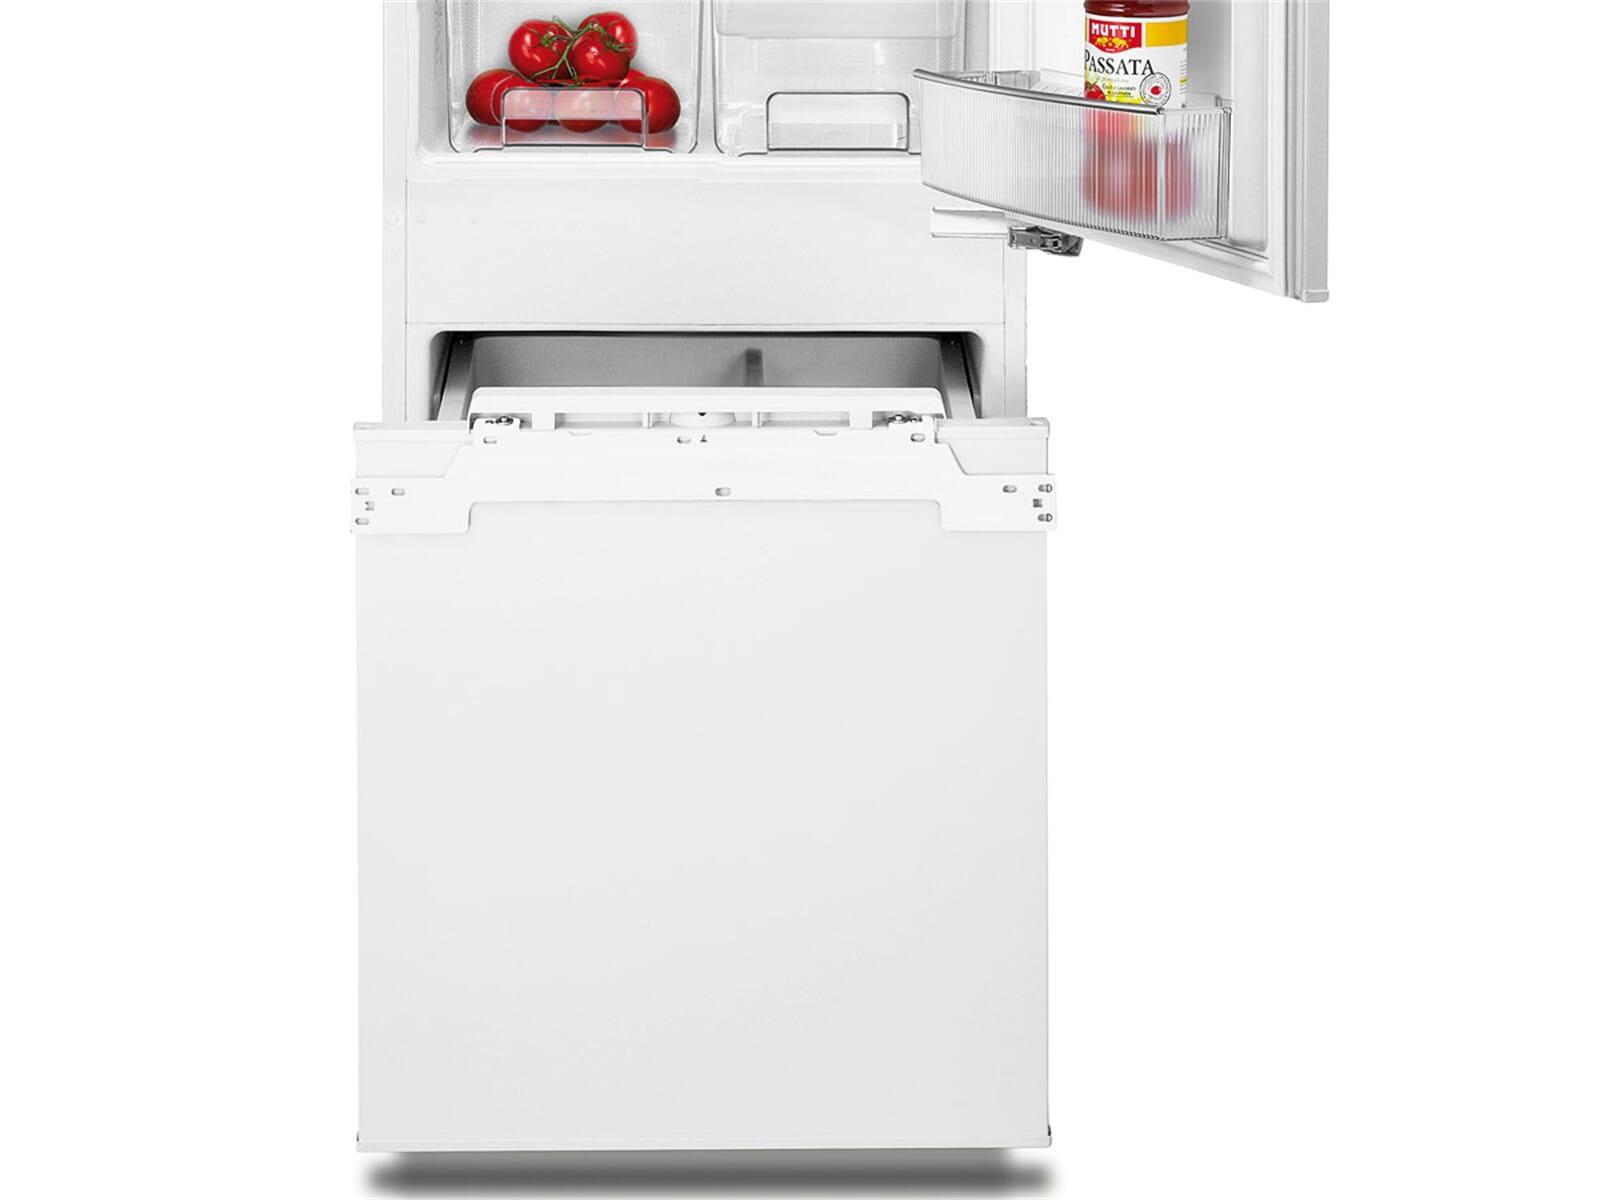 Kühlschrank Neff : Küche neff oder siemens bosch siemens neff backblech